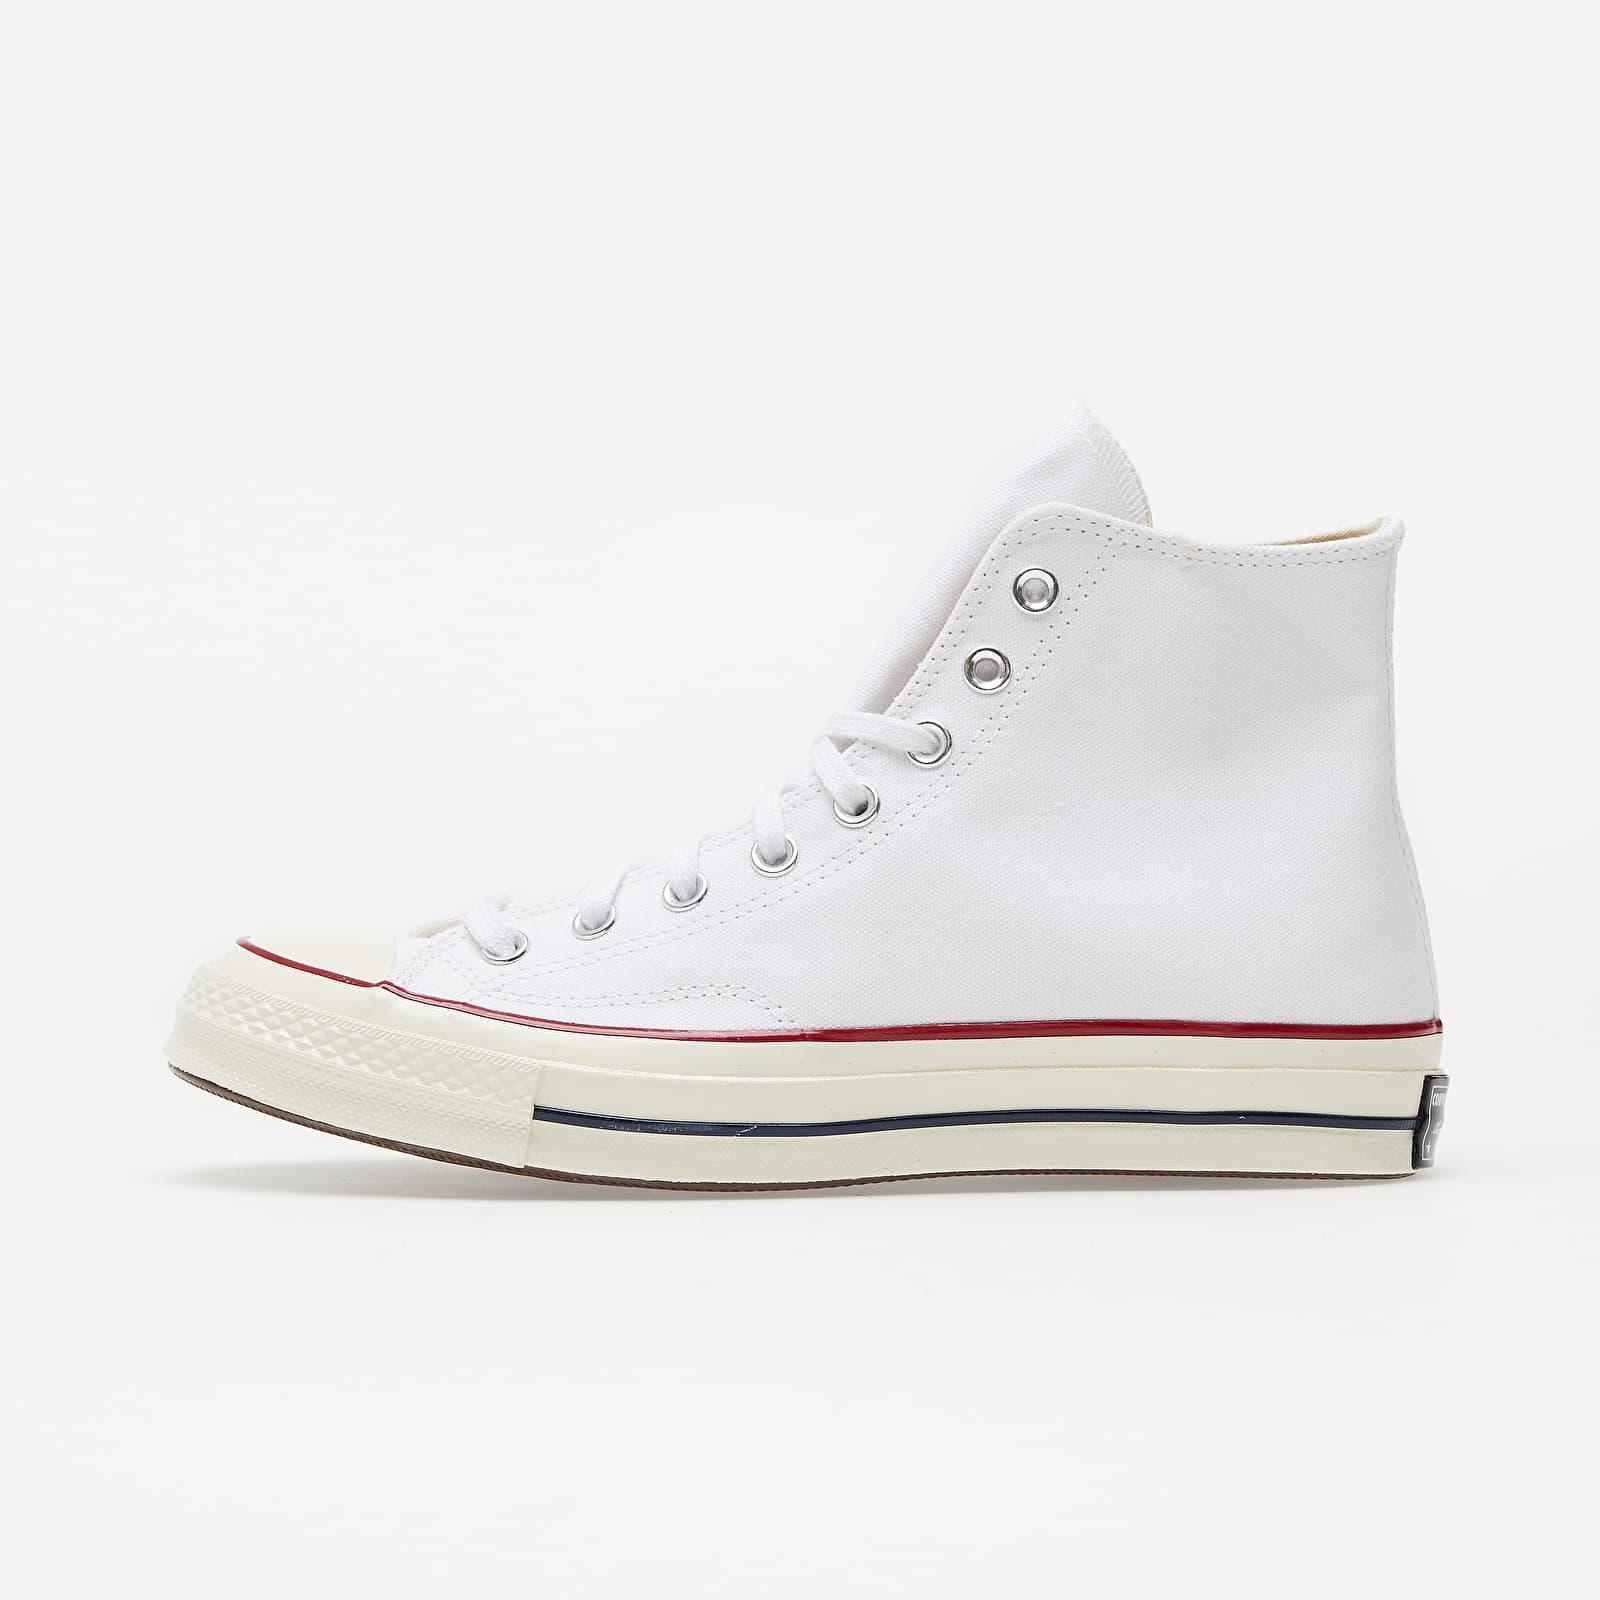 Мъжки кецове и обувки Converse Chuck Taylor All Star 70 Hi White/ Garnet/ Egret